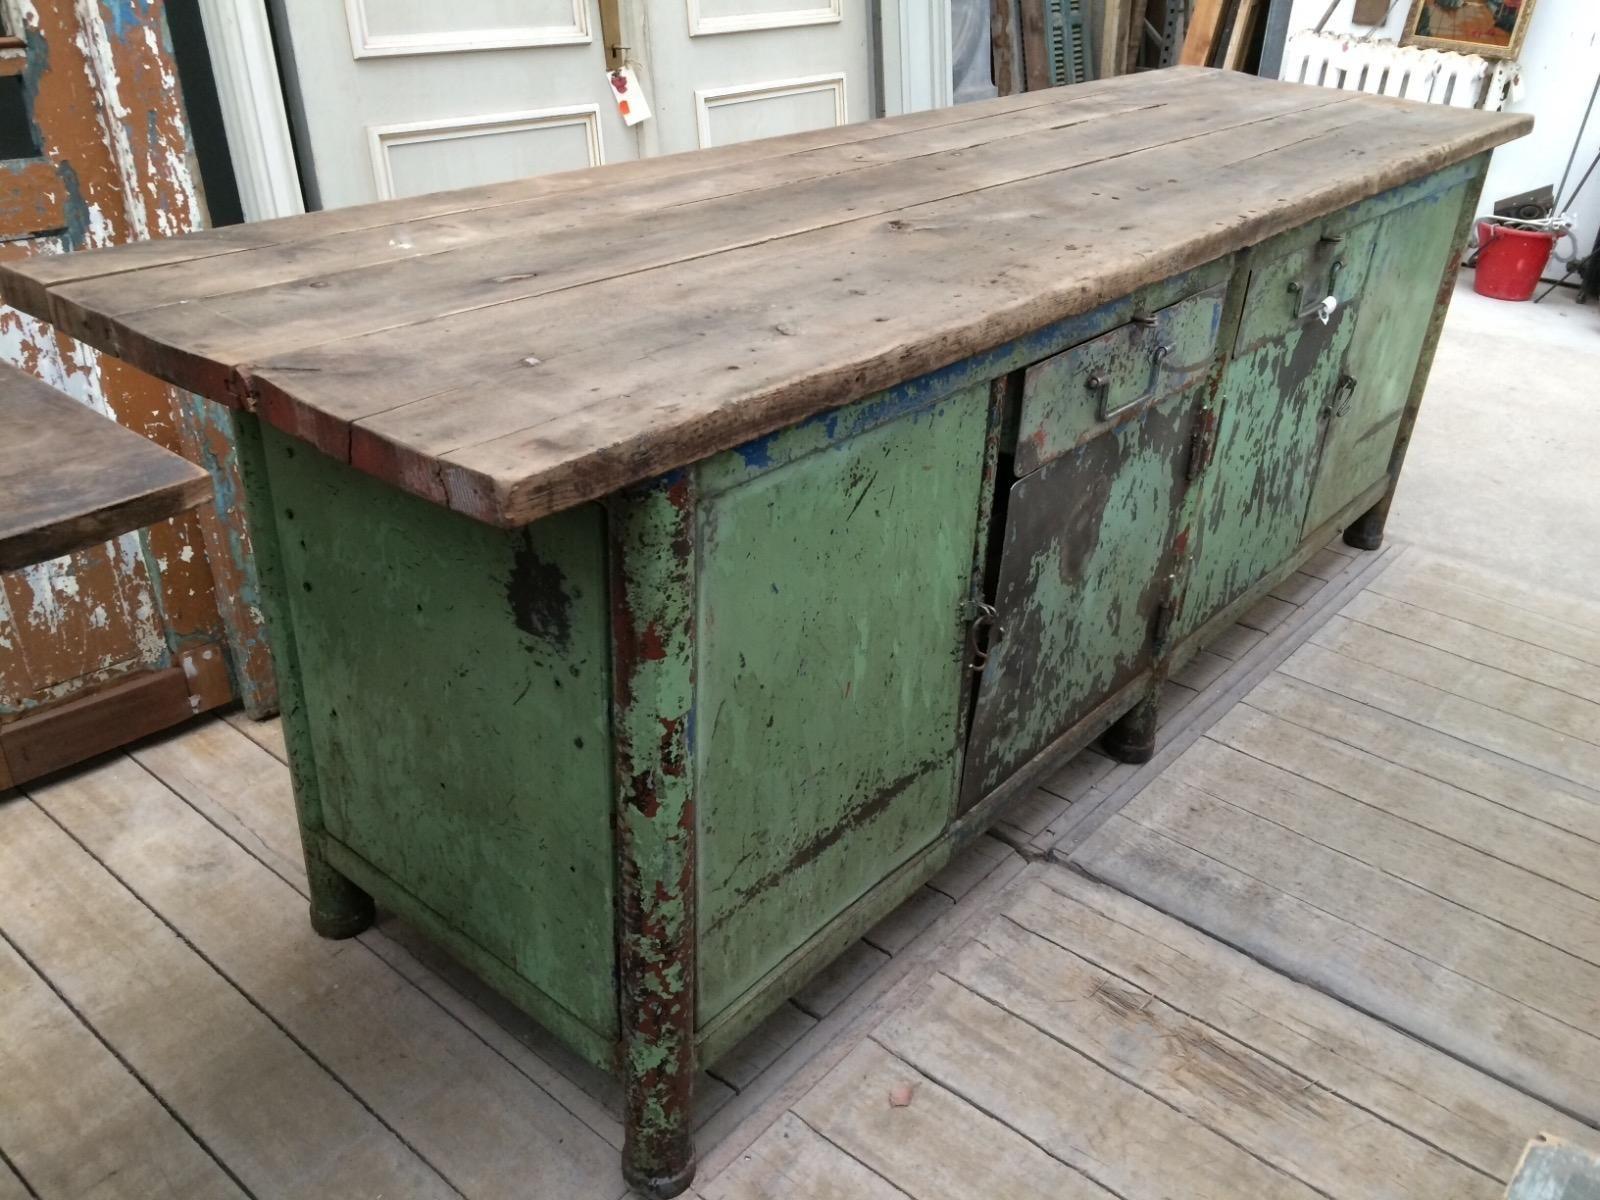 Stoere Werkbank Keuken : Keuken ikea oud uniek houten werkbank keuken gallery